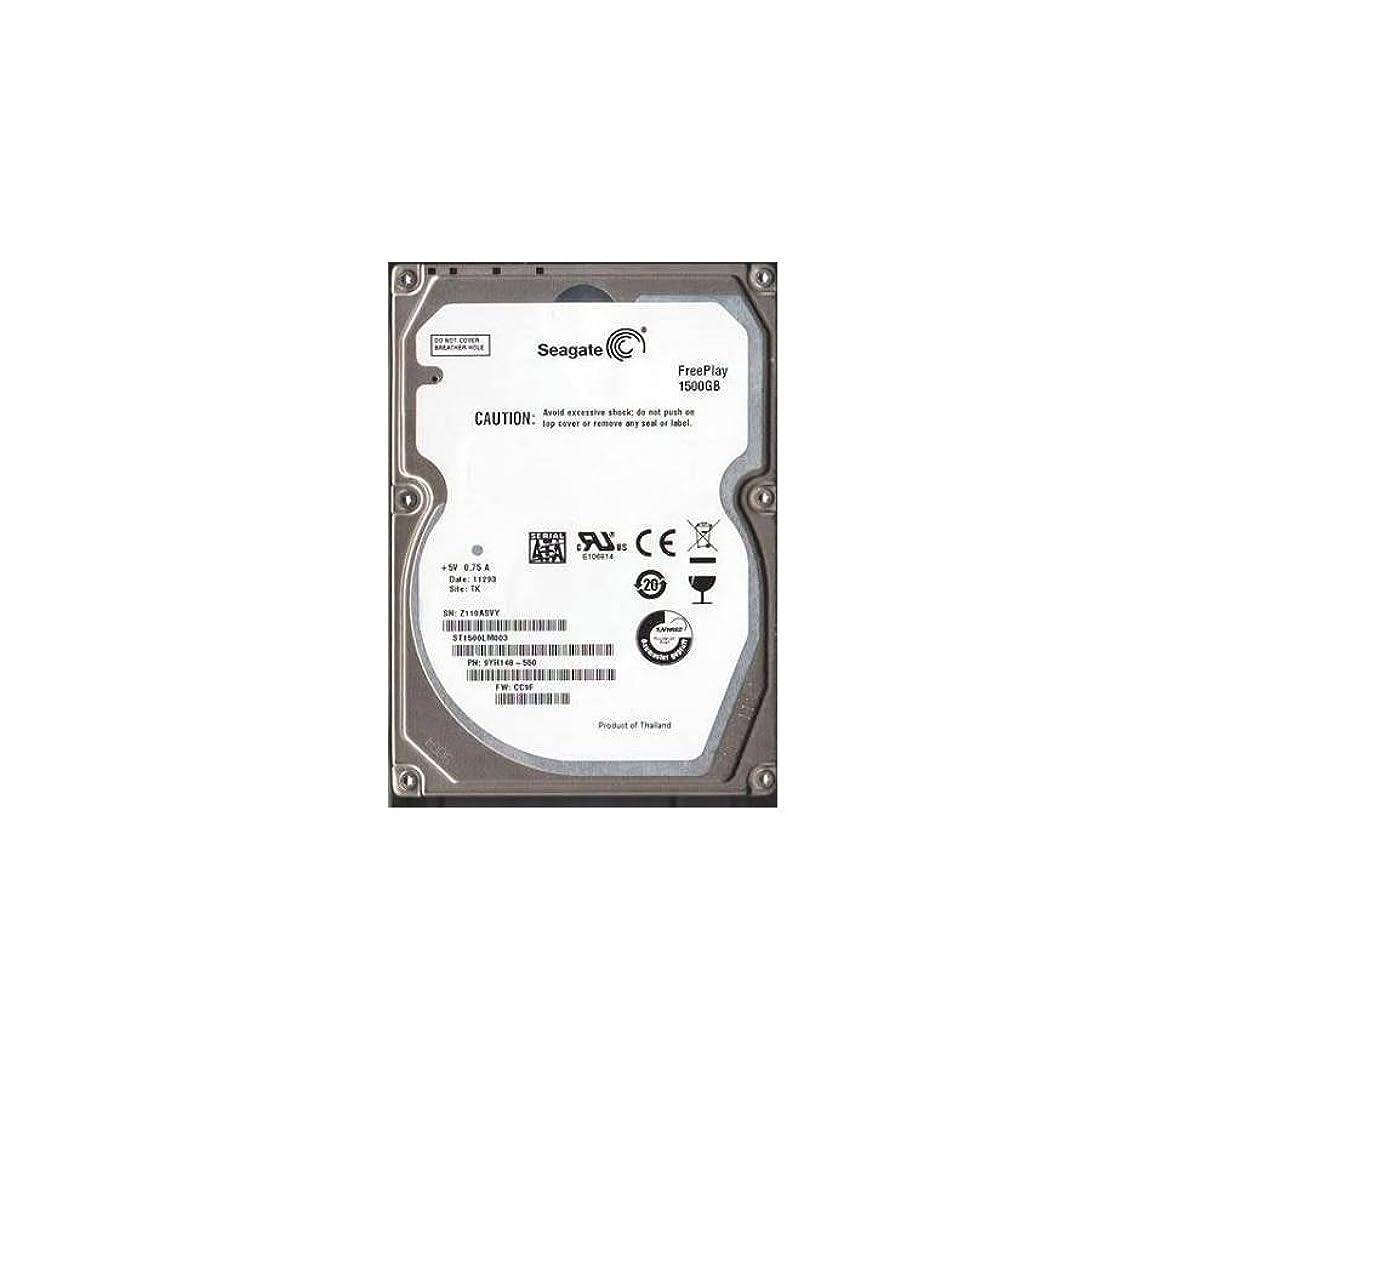 旅行者盗難強打Seagate 1.5TB SATA Freeplay 2.5 5400RPM 内蔵ハードドライブ ST1500LM003